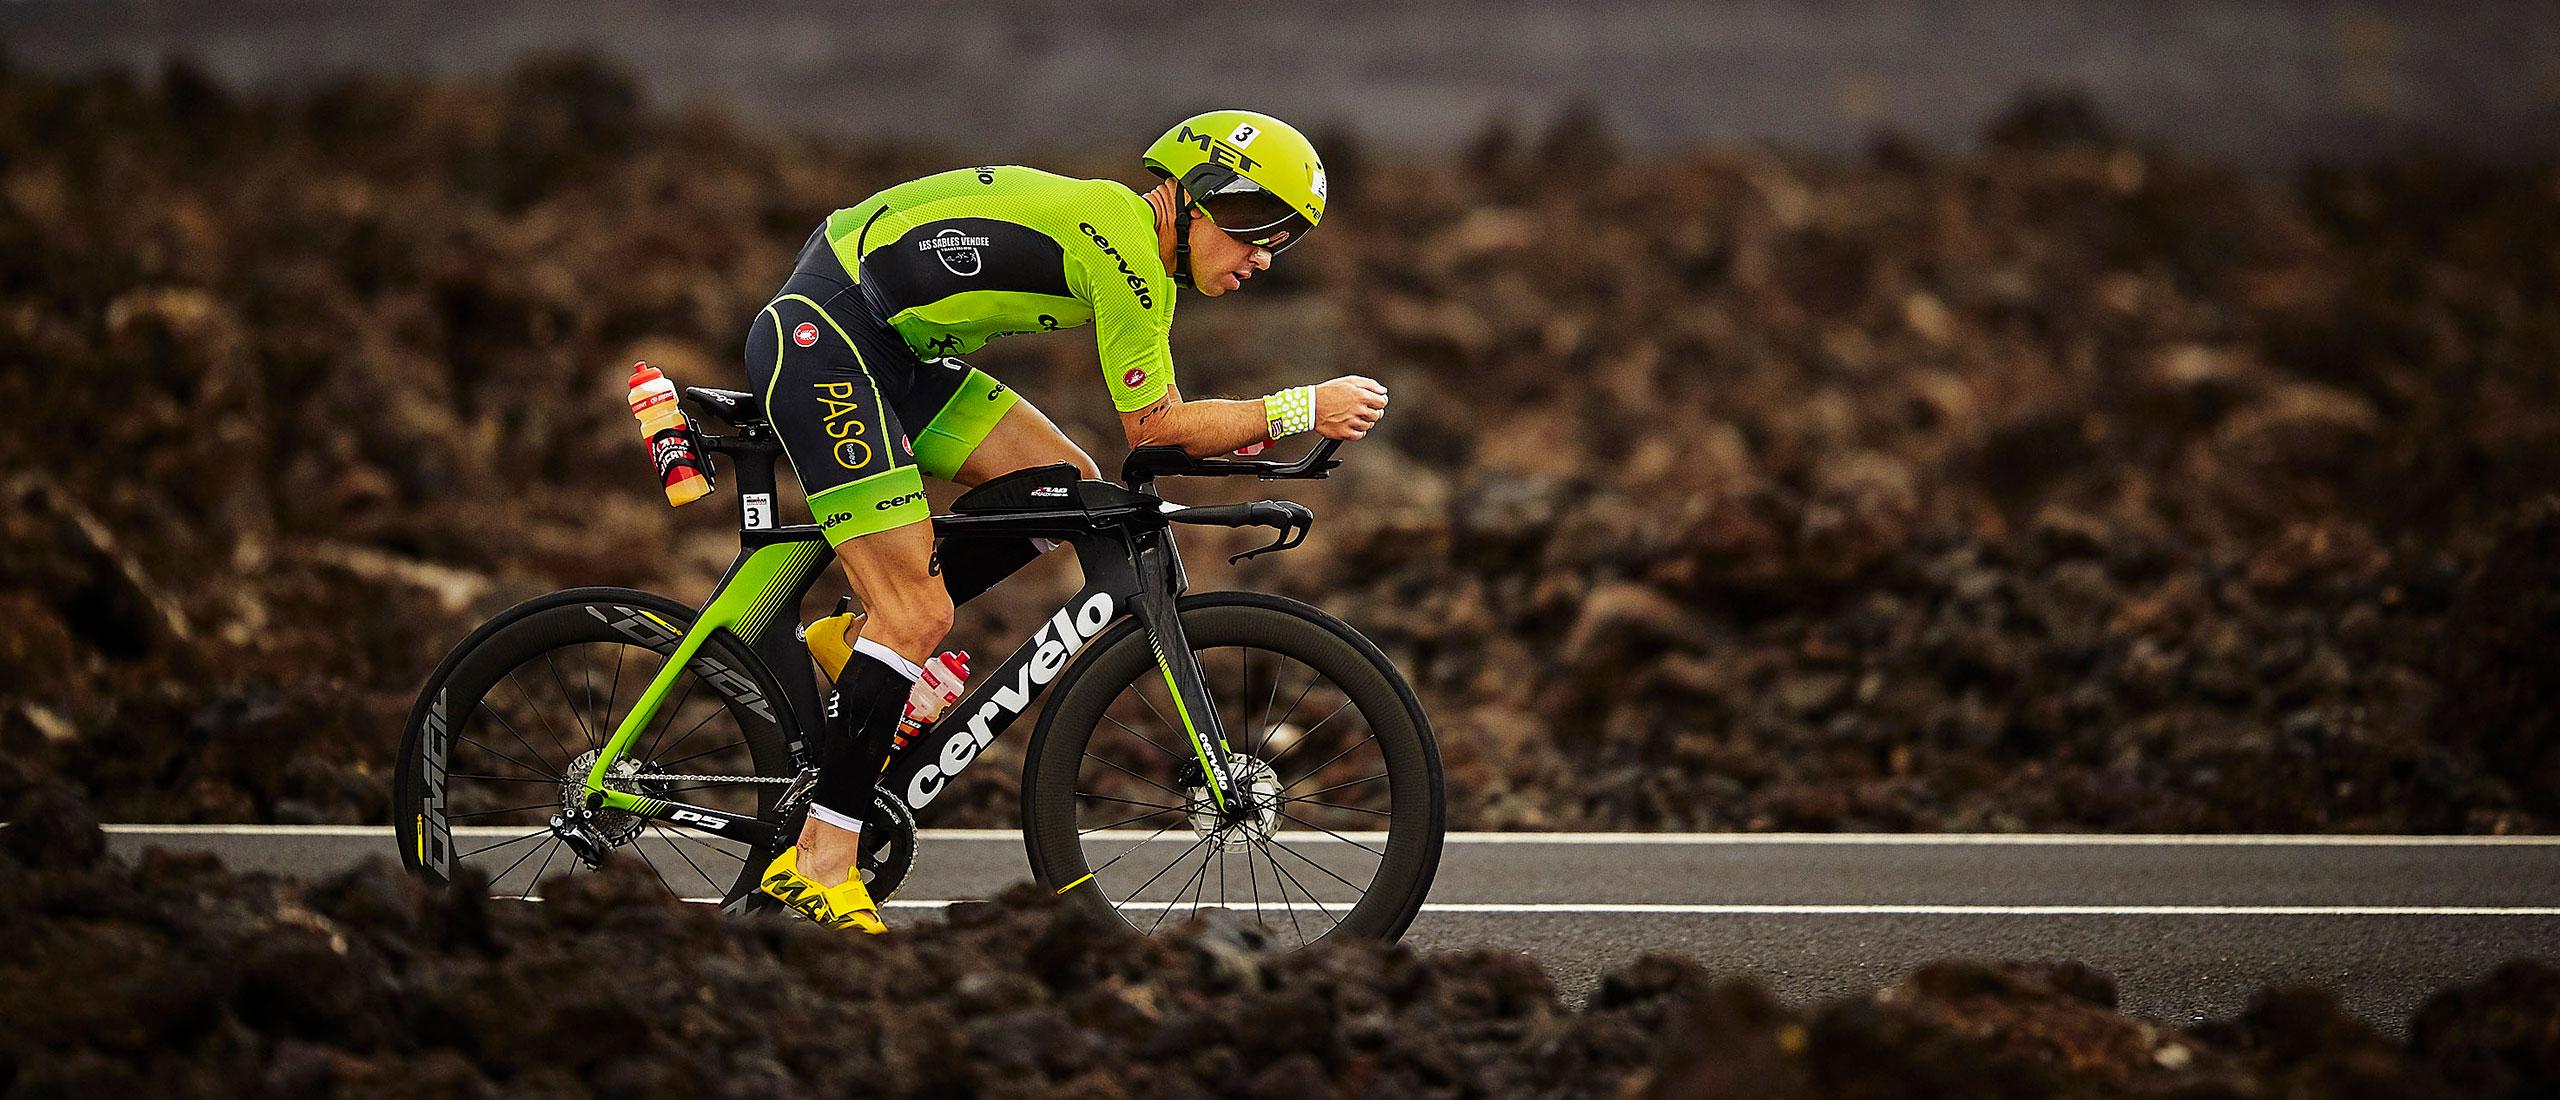 MET Codatronca Road and Aero Helmet Frederik Van Lierde Ironman Lanzarote